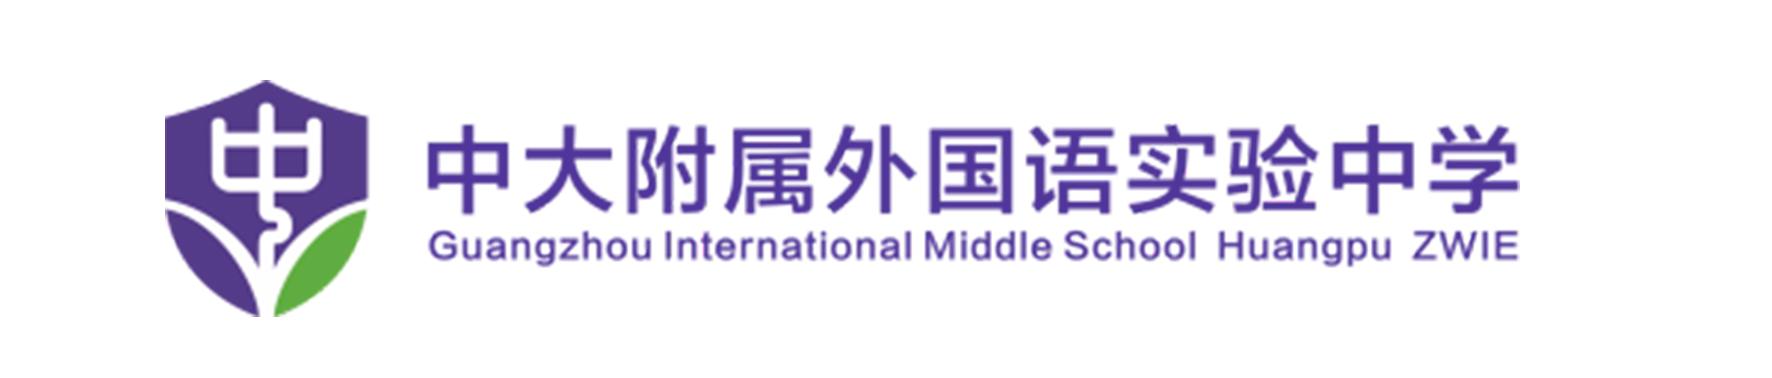 中大附属外国语实验中学